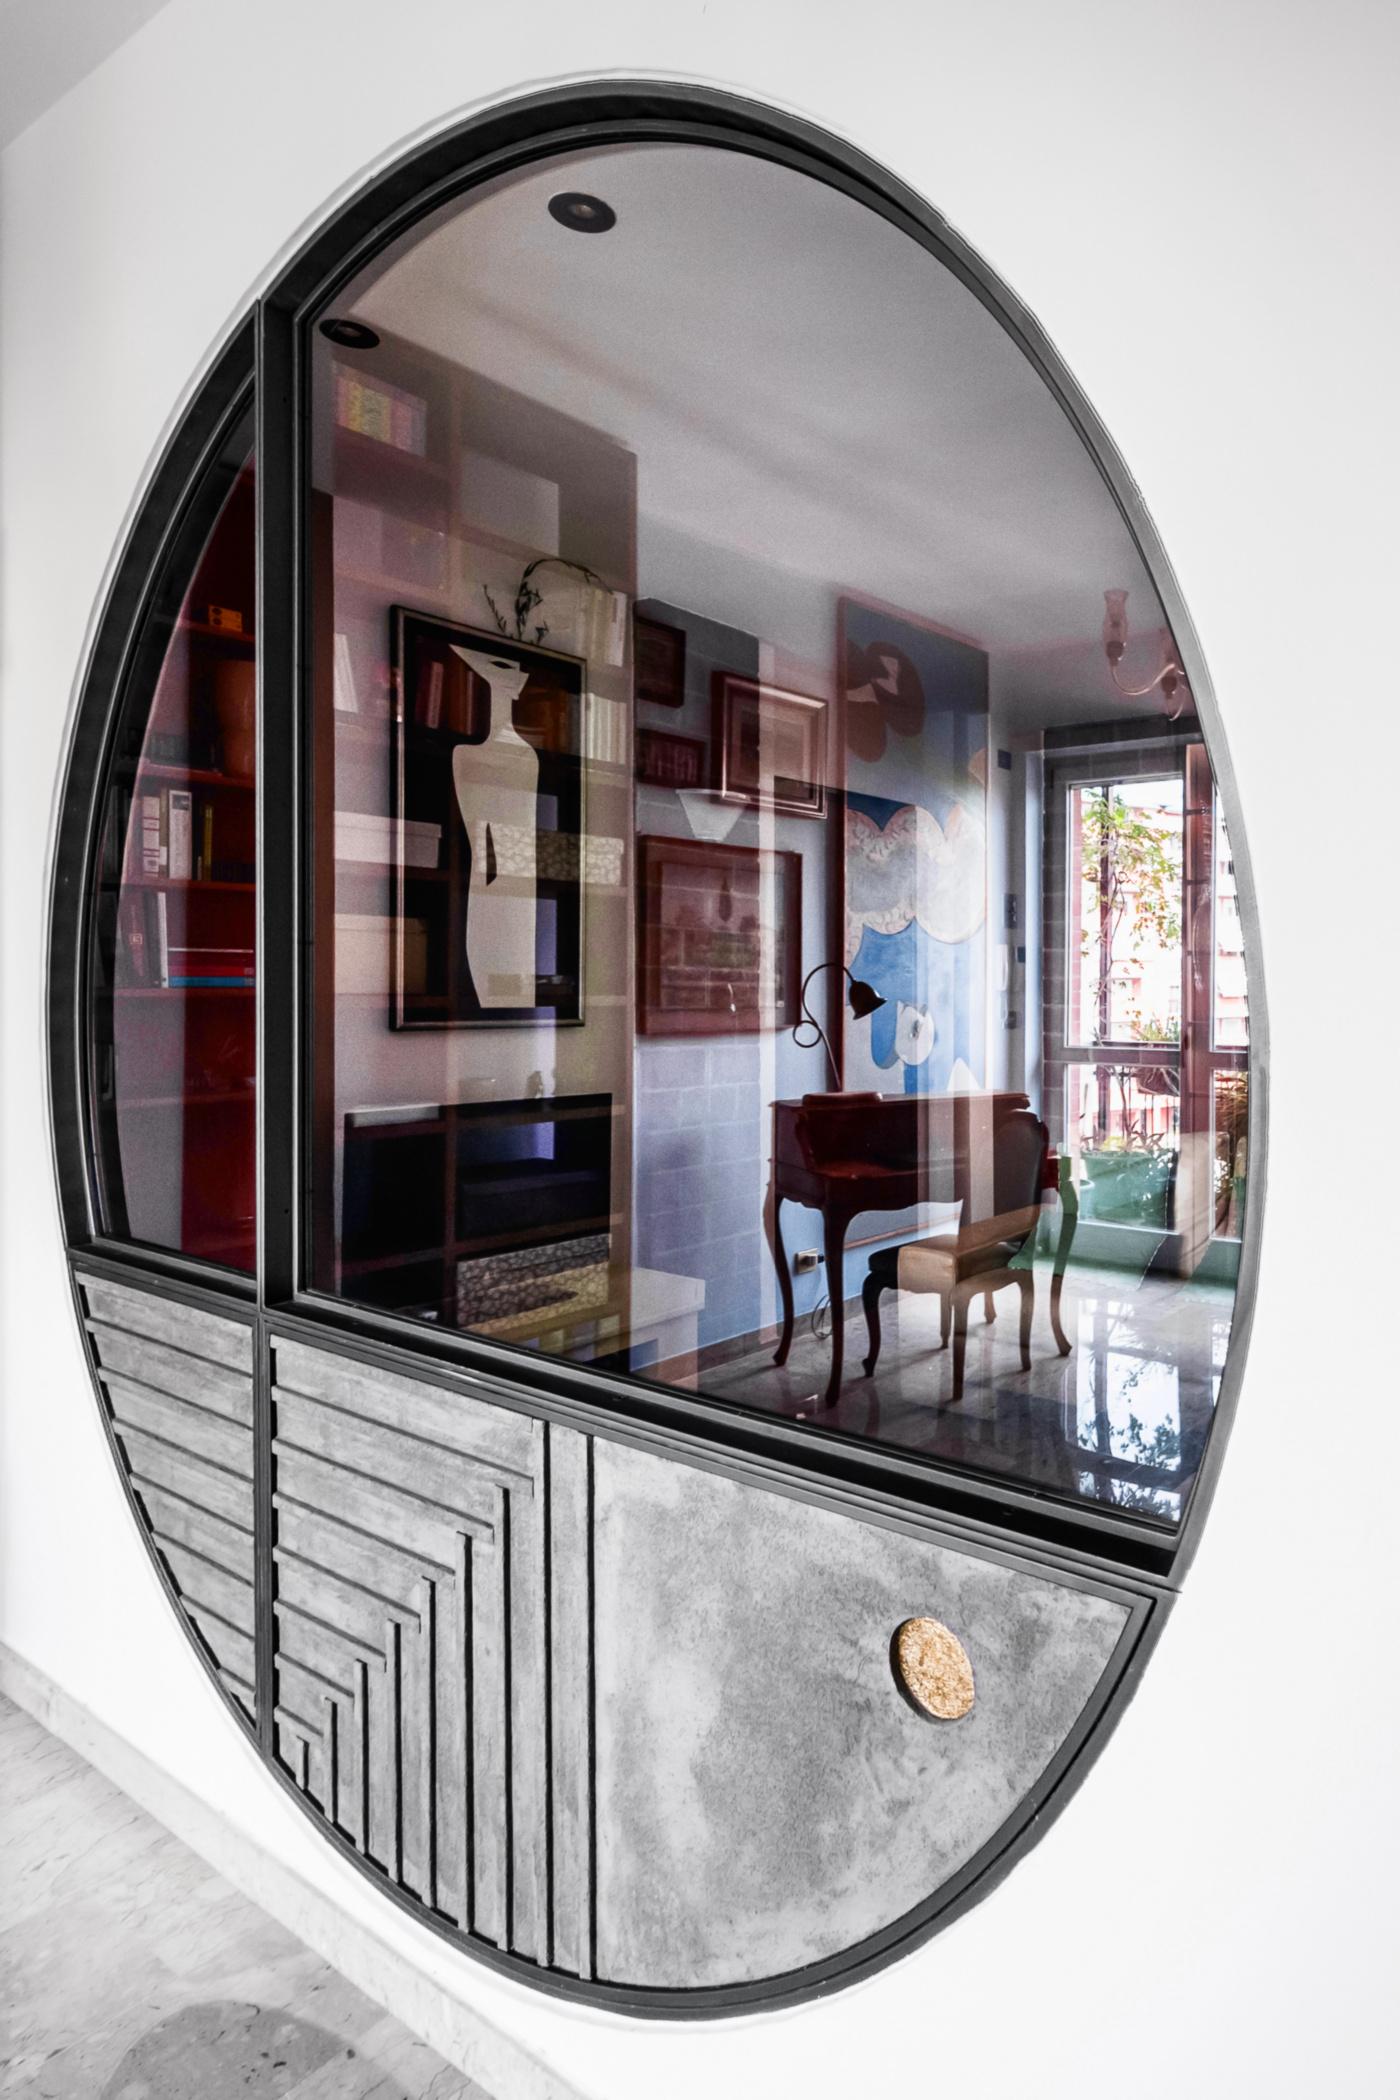 Trasformare una vetrata interna in un piccolo gioiello di interior design. Le riflessioni e rifrazioni animano la vetrata da ogni angolo | Bottega di Architettura